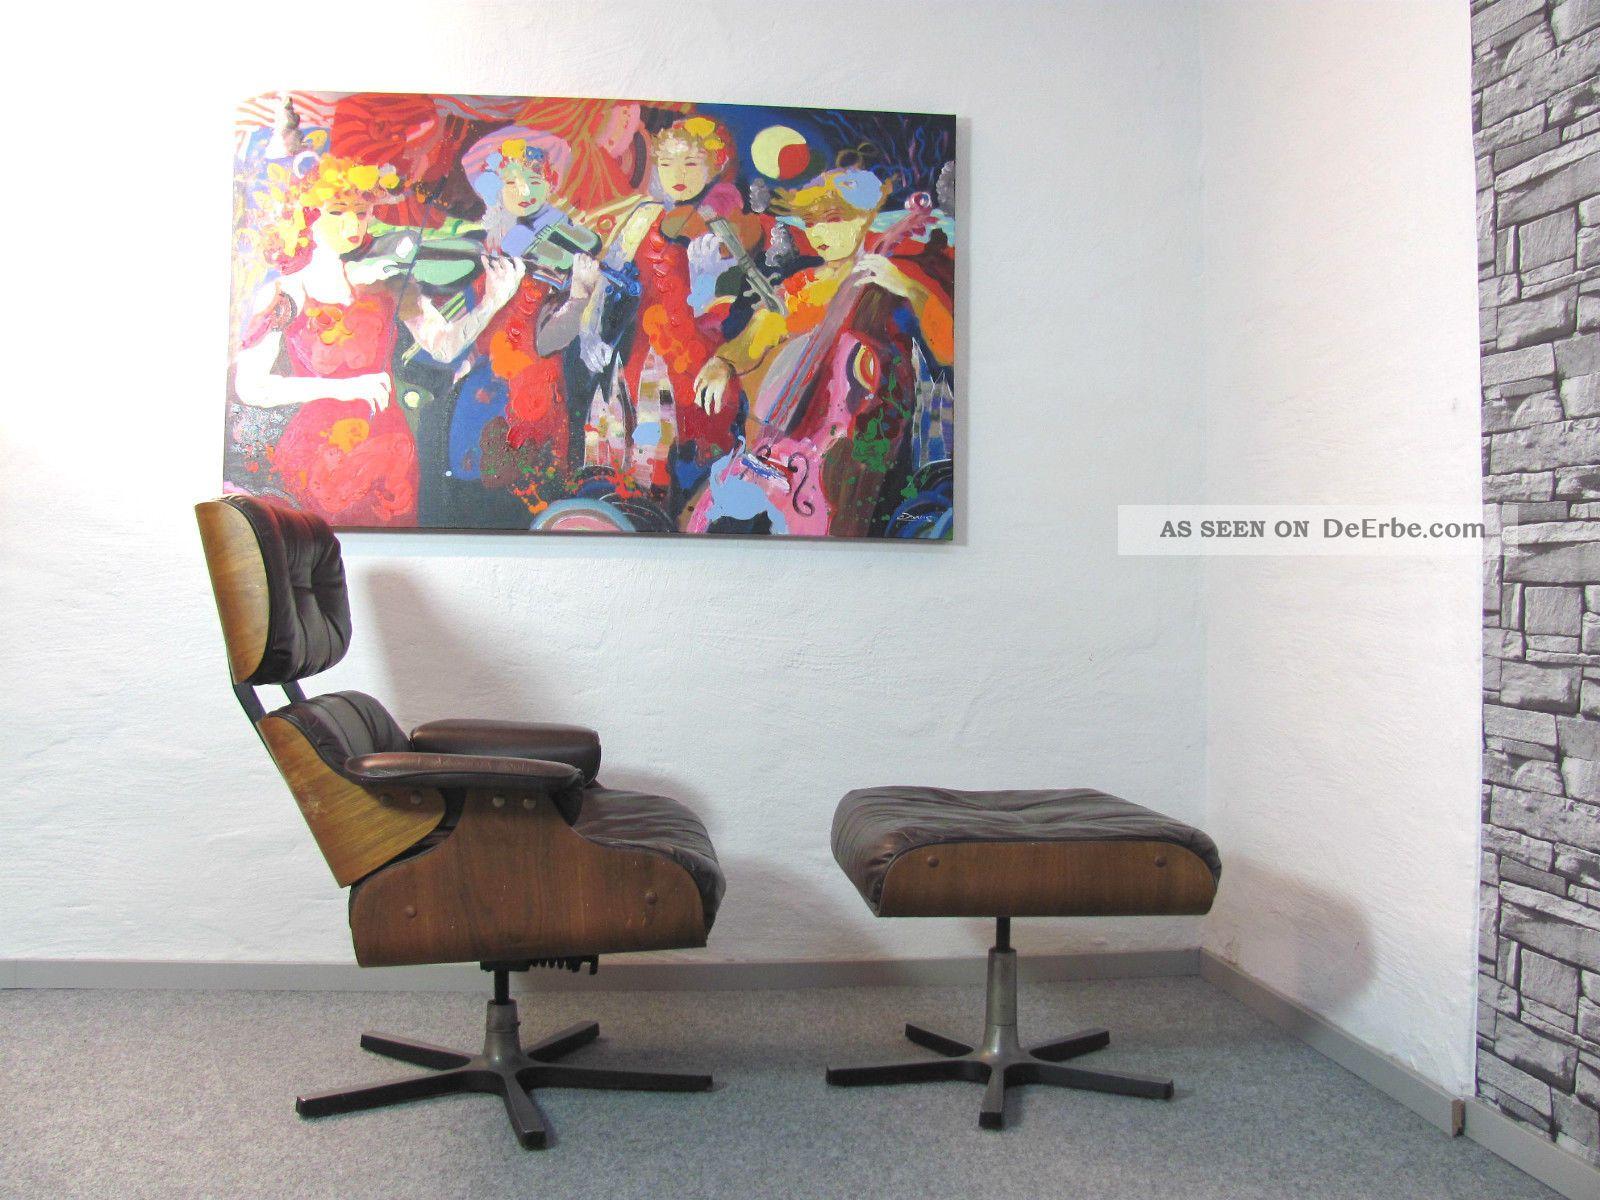 lounge chair aus den 60er jahren hersteller unbekannt. Black Bedroom Furniture Sets. Home Design Ideas